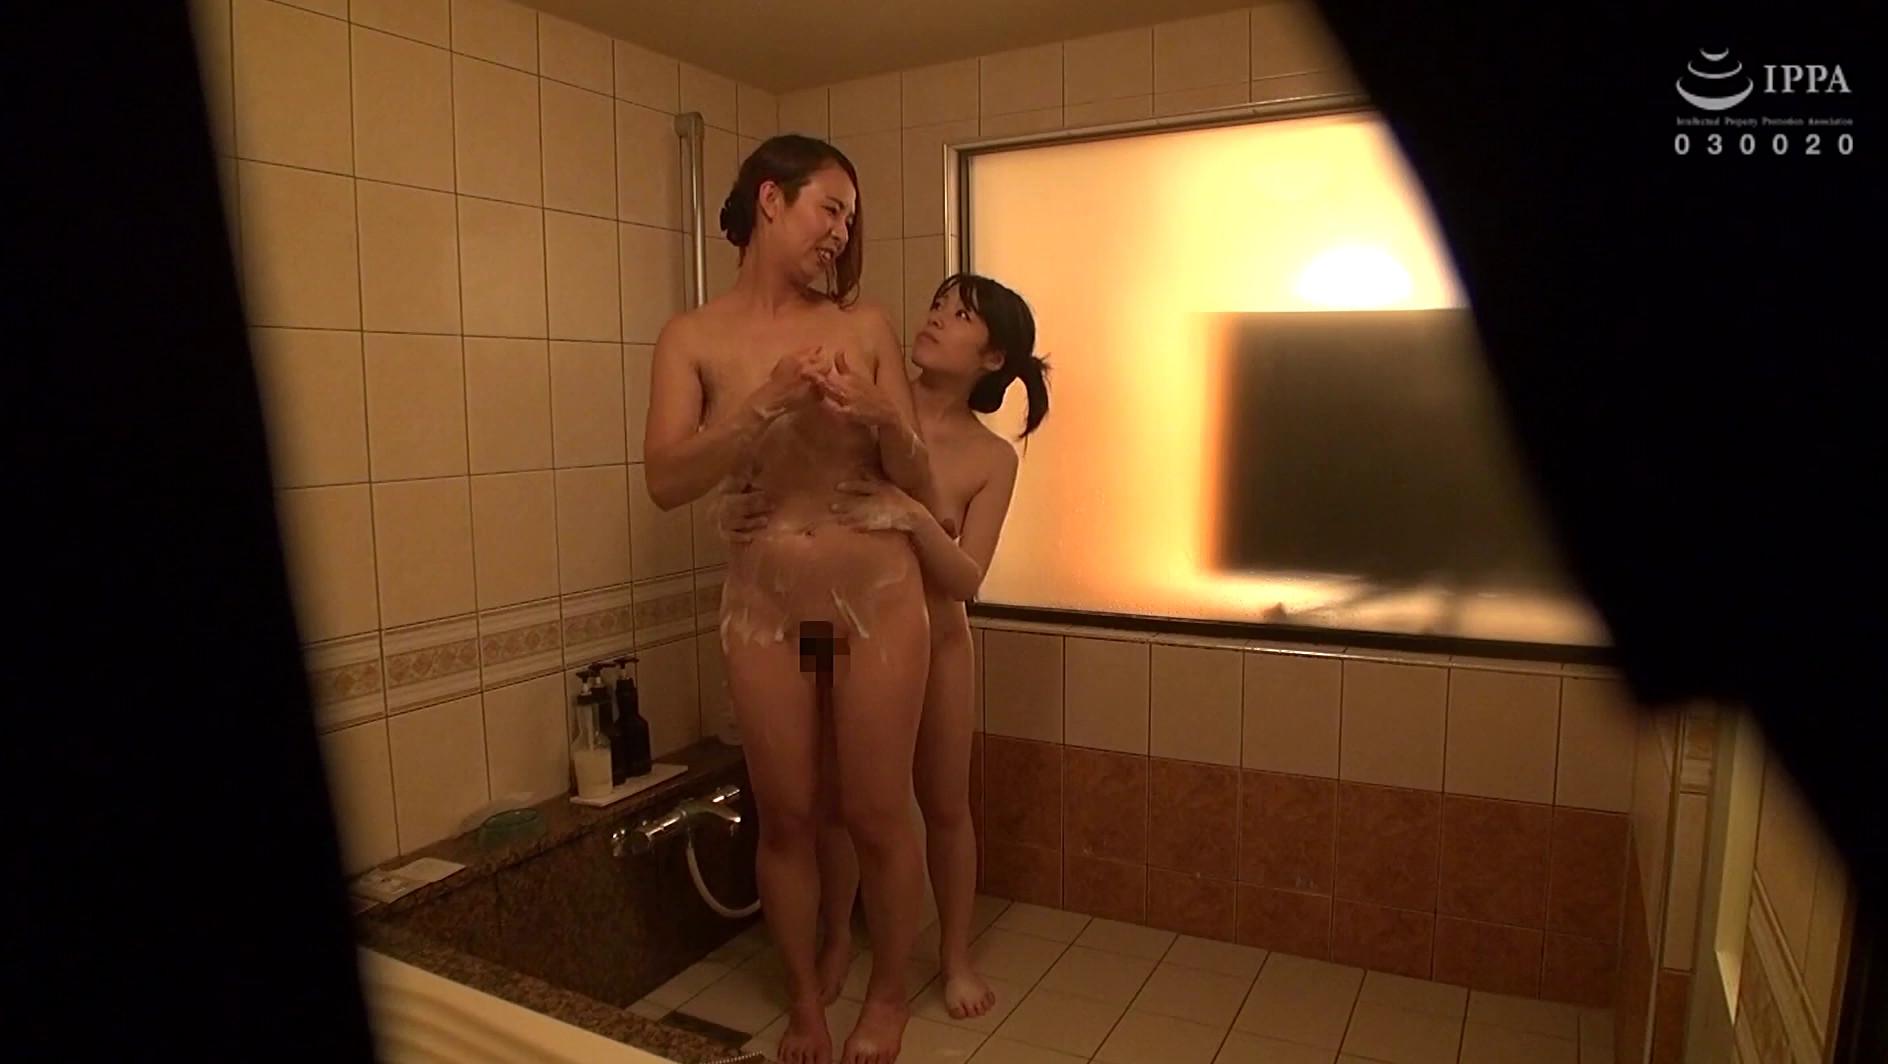 完全盗撮会員制女性専用レズビアン風俗001 画像9